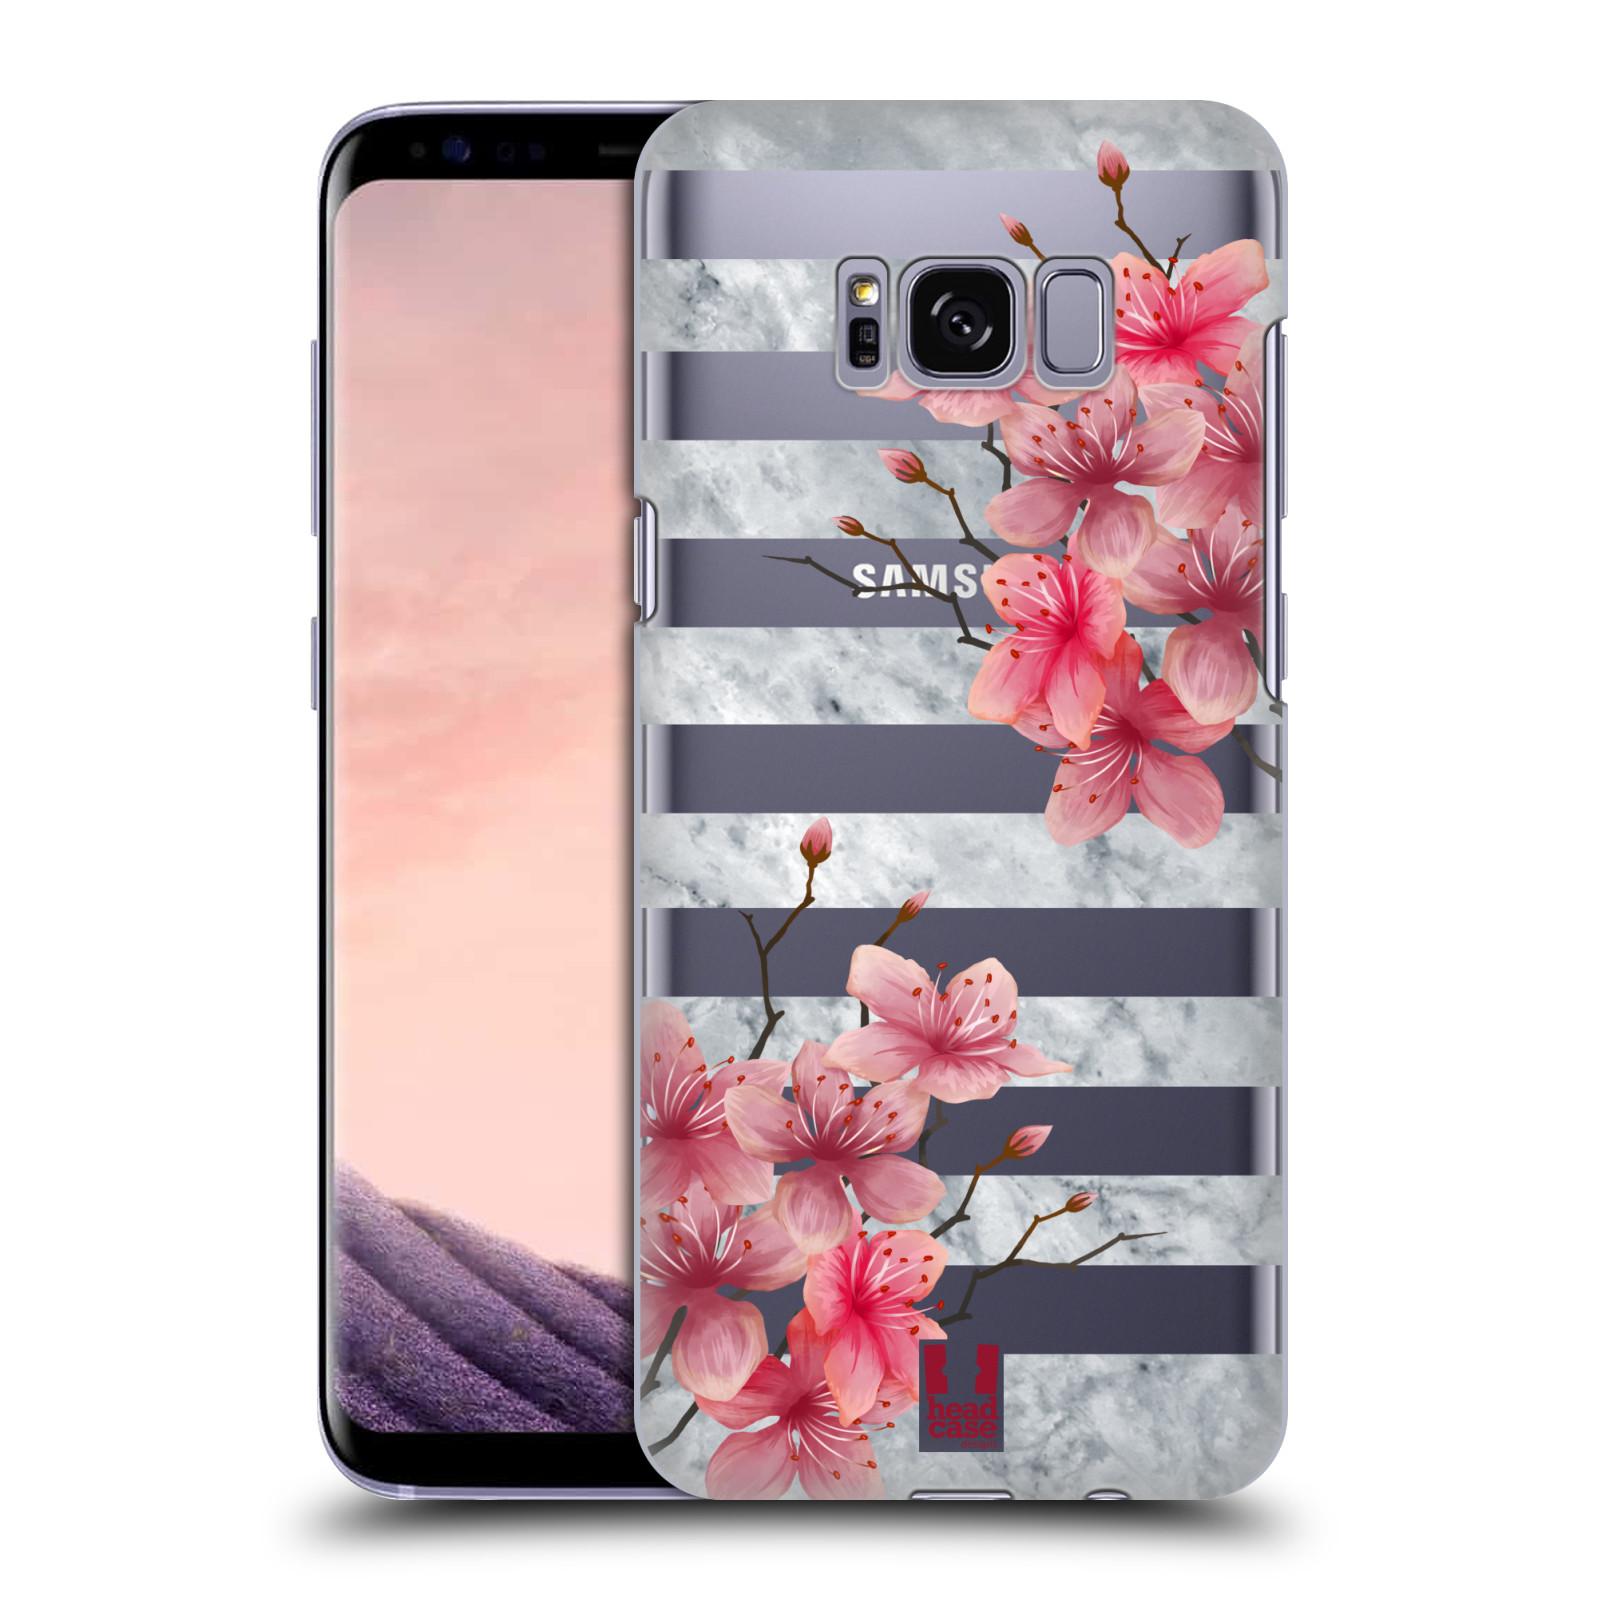 Plastové pouzdro na mobil Samsung Galaxy S8 - Head Case - Kvítka a mramor